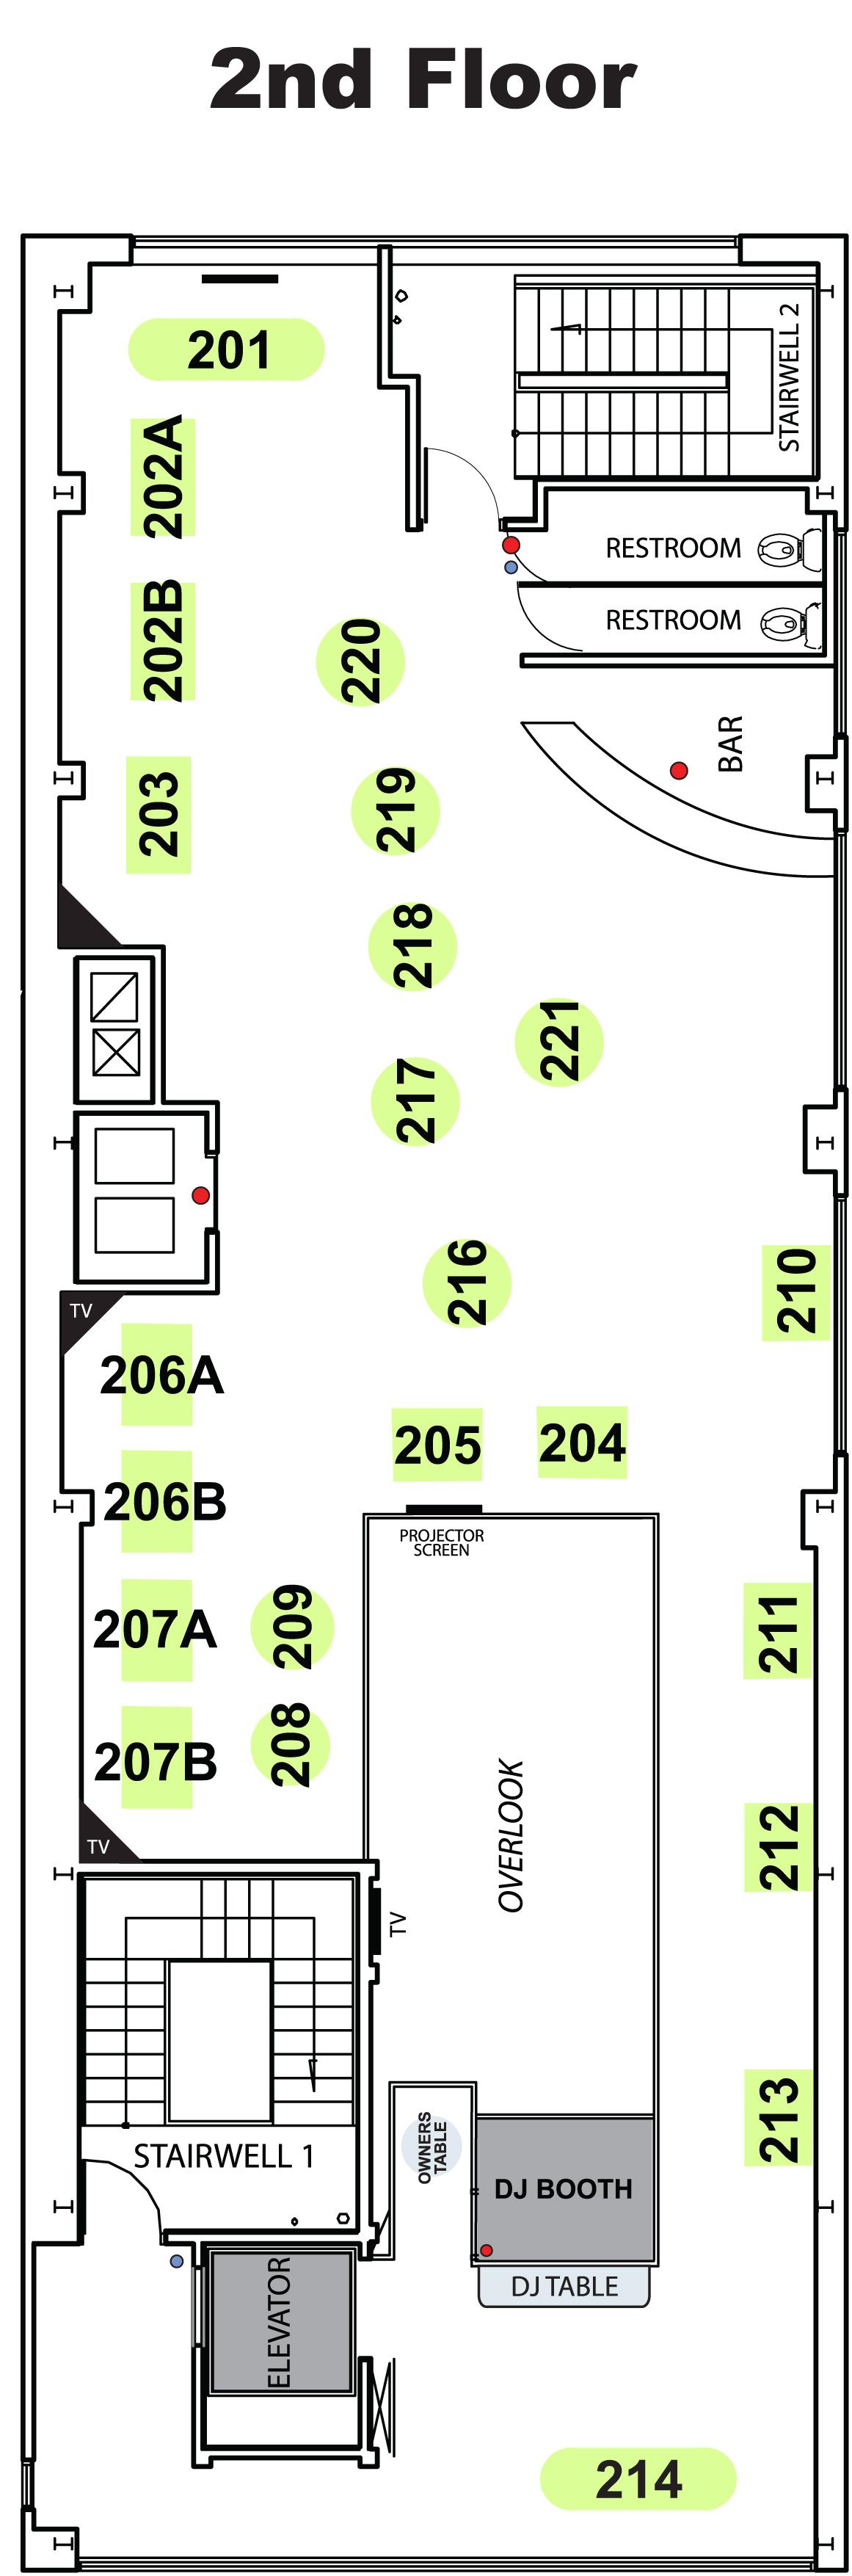 Dinner Floor Plan June 2018 v2-2.jpg